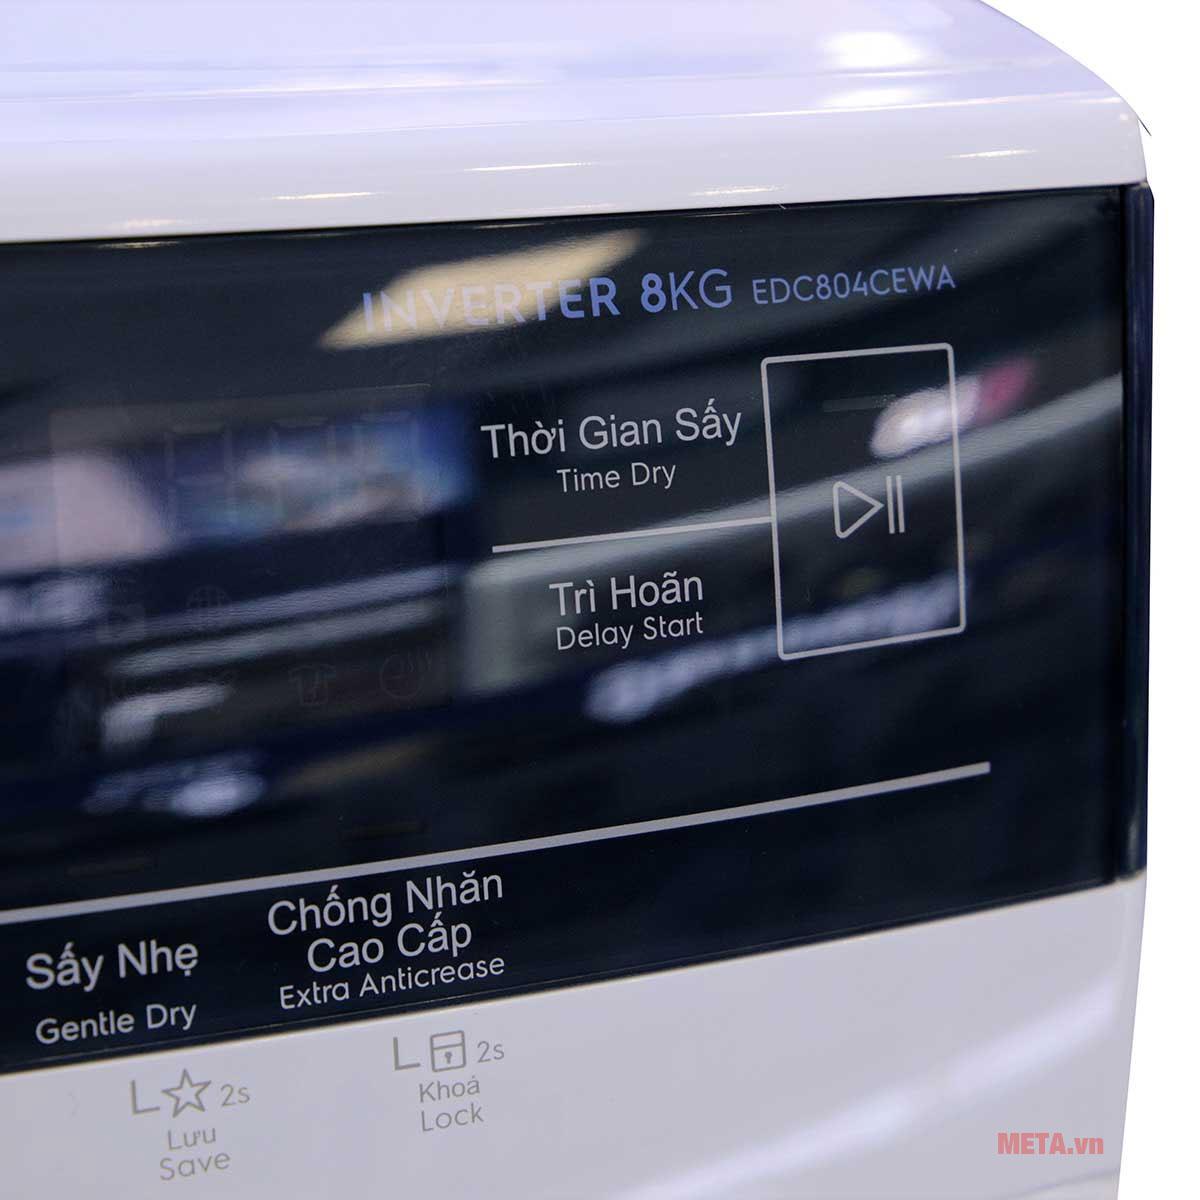 Bảng điều khiển cảm ứng với các tùy chọn sấy khác nhau